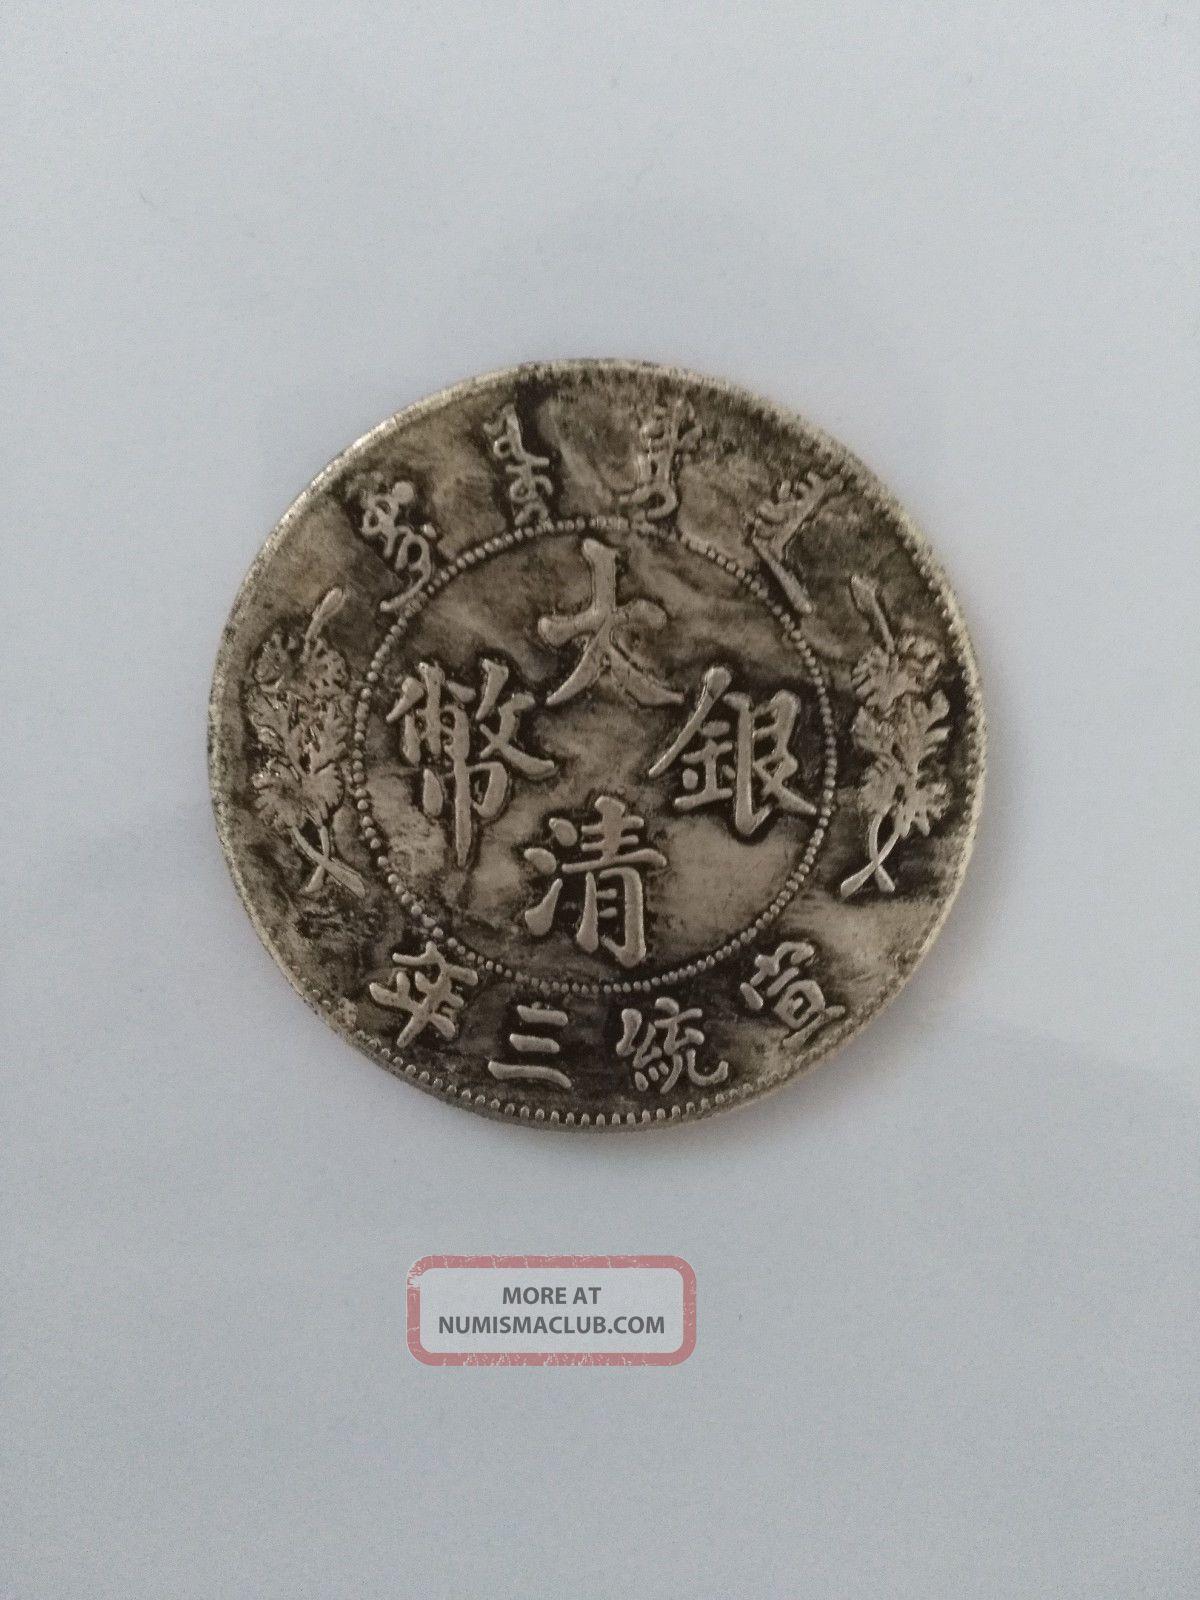 Old China Silver Dollar Coin Qing Dynasty Dragon Coin 5yuan China Silver China photo